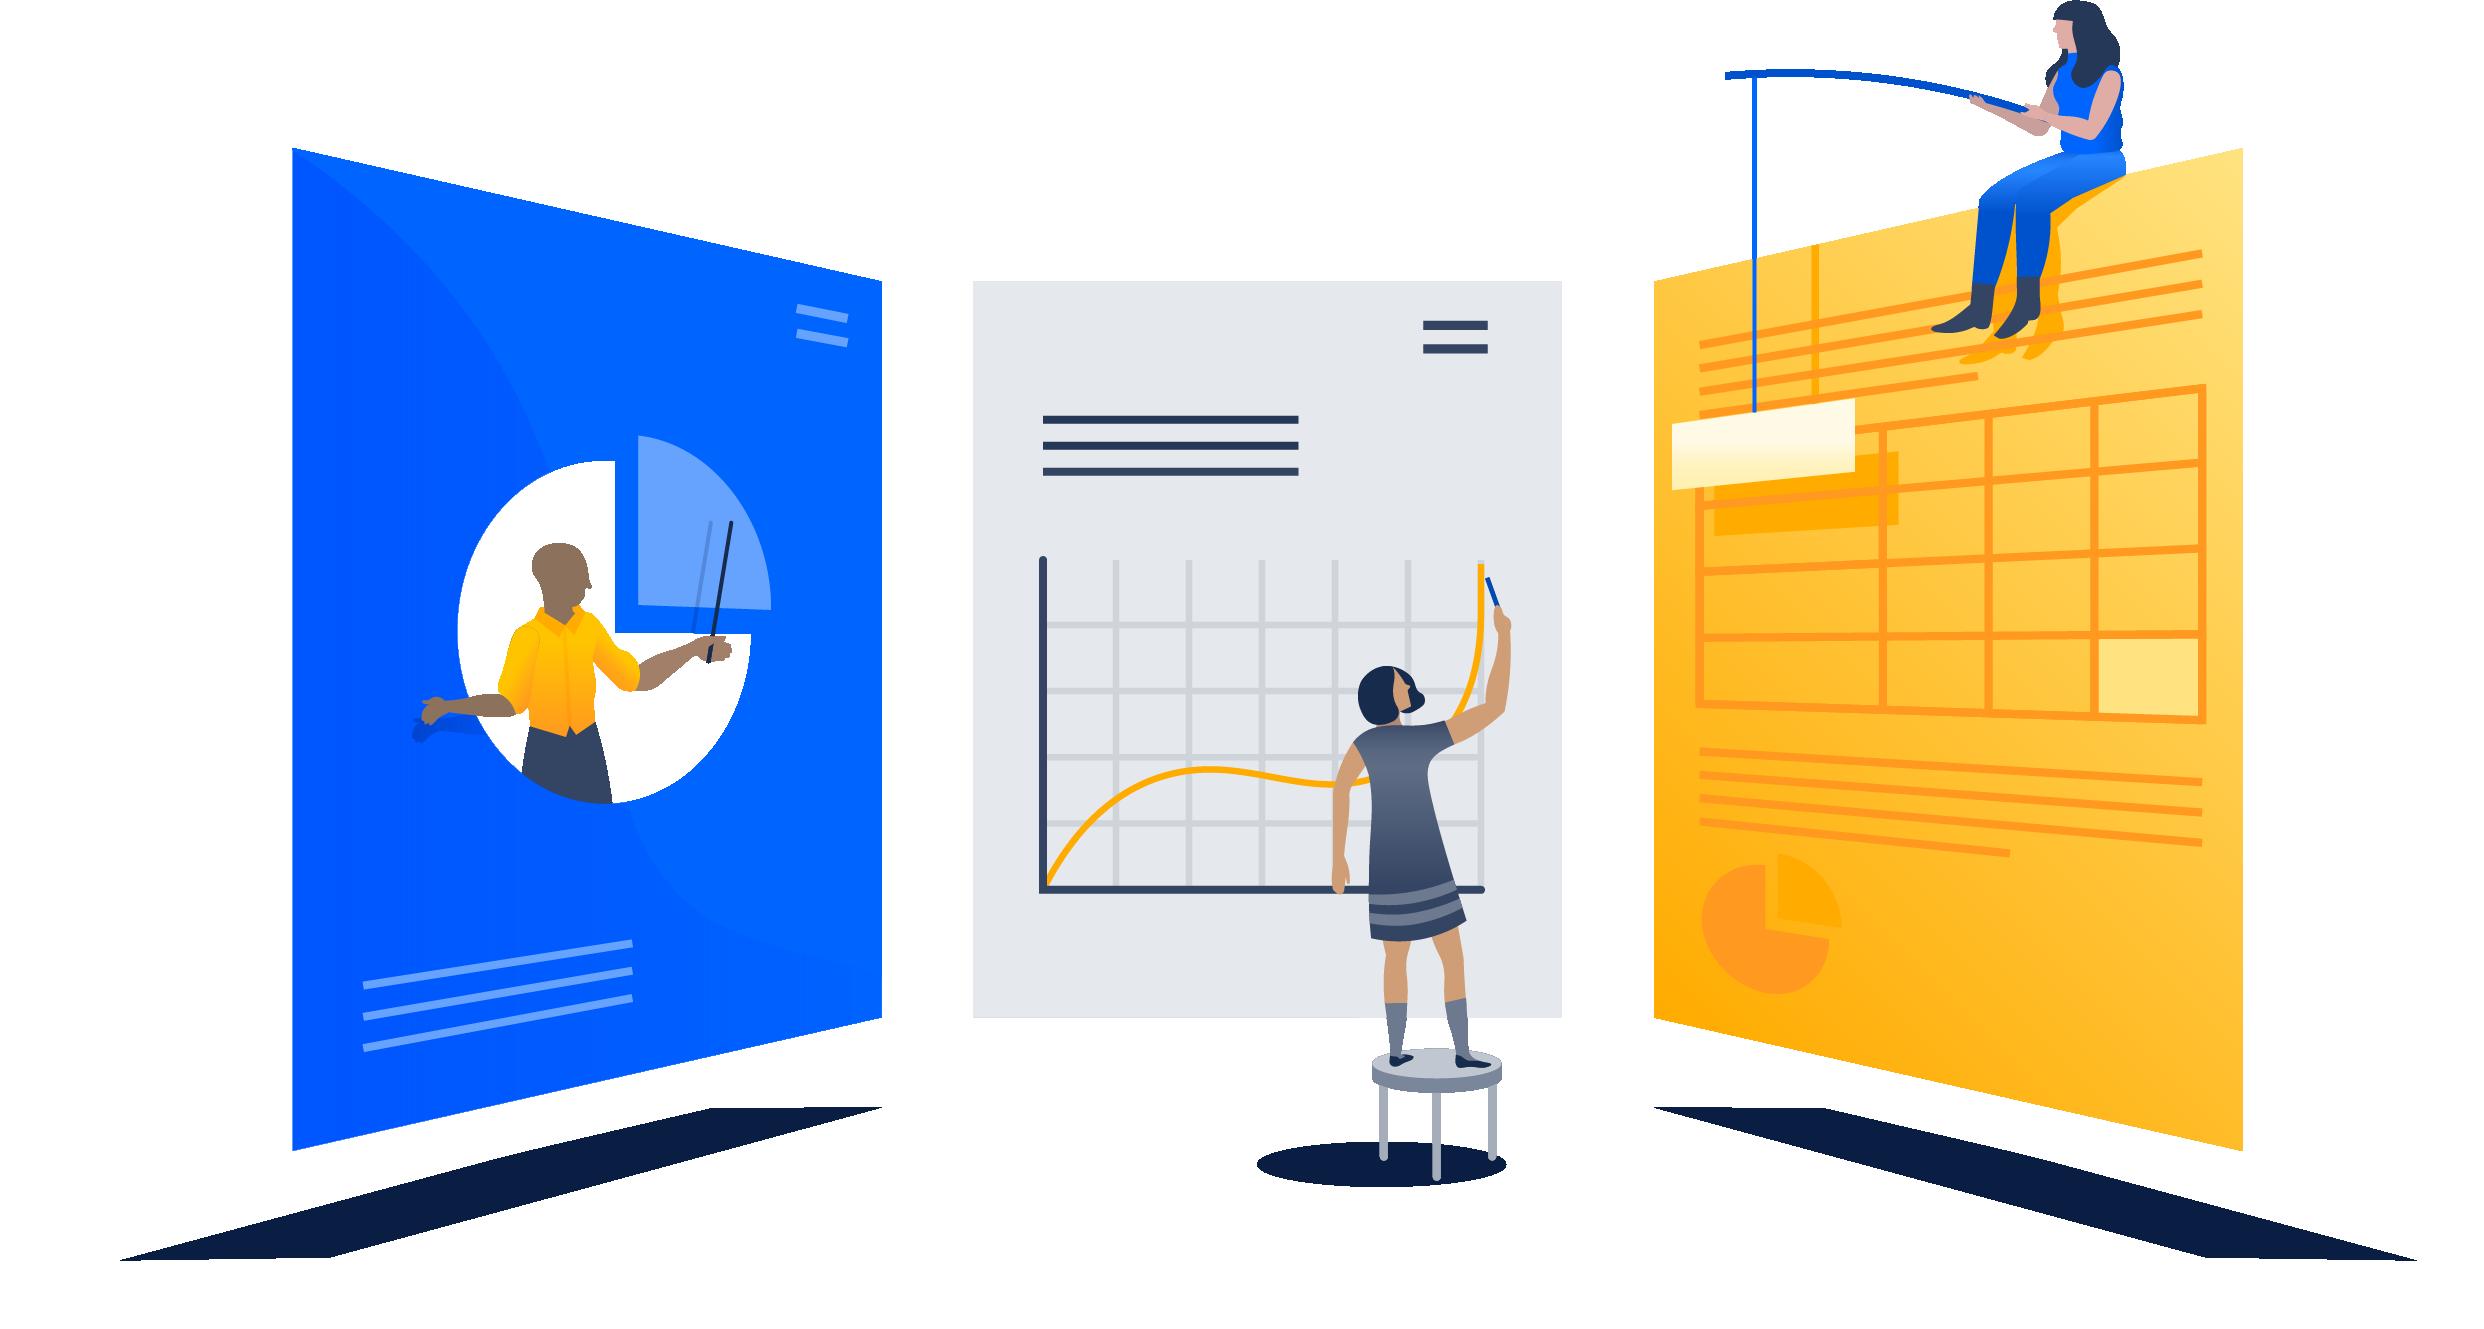 Développeur Agile| Atlassian– Le coach Agile